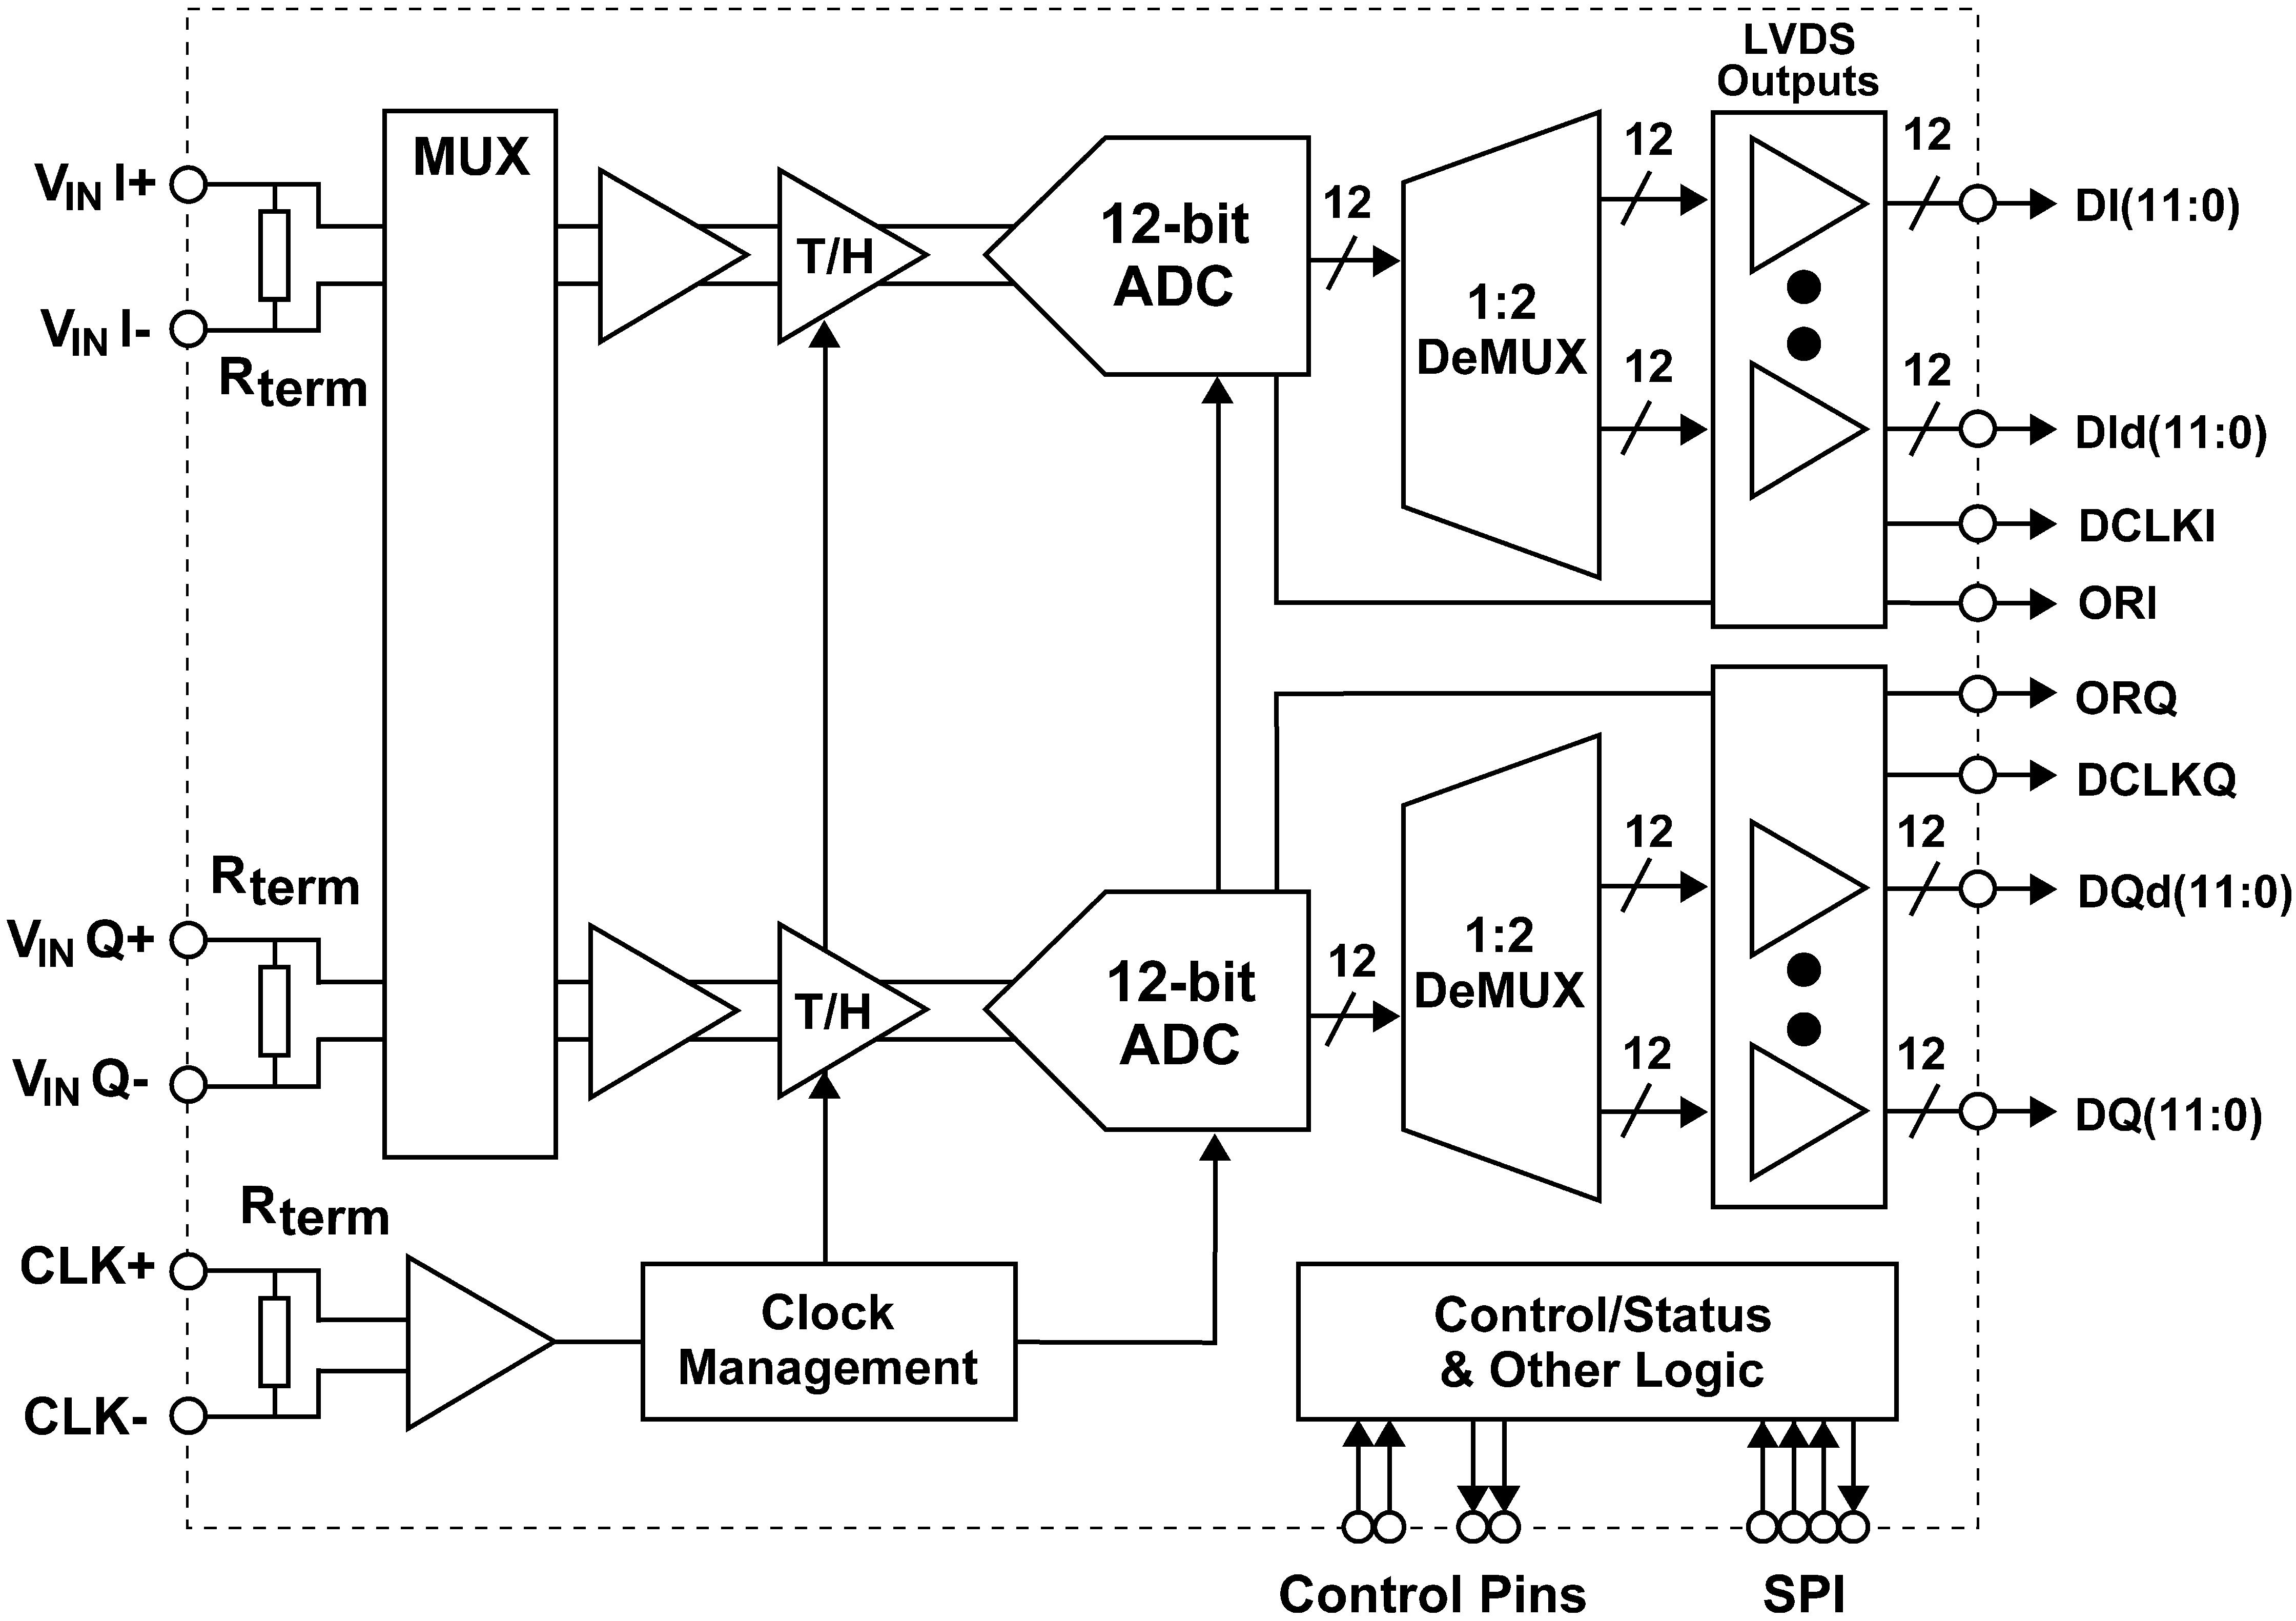 5.2 Functional Block Diagram